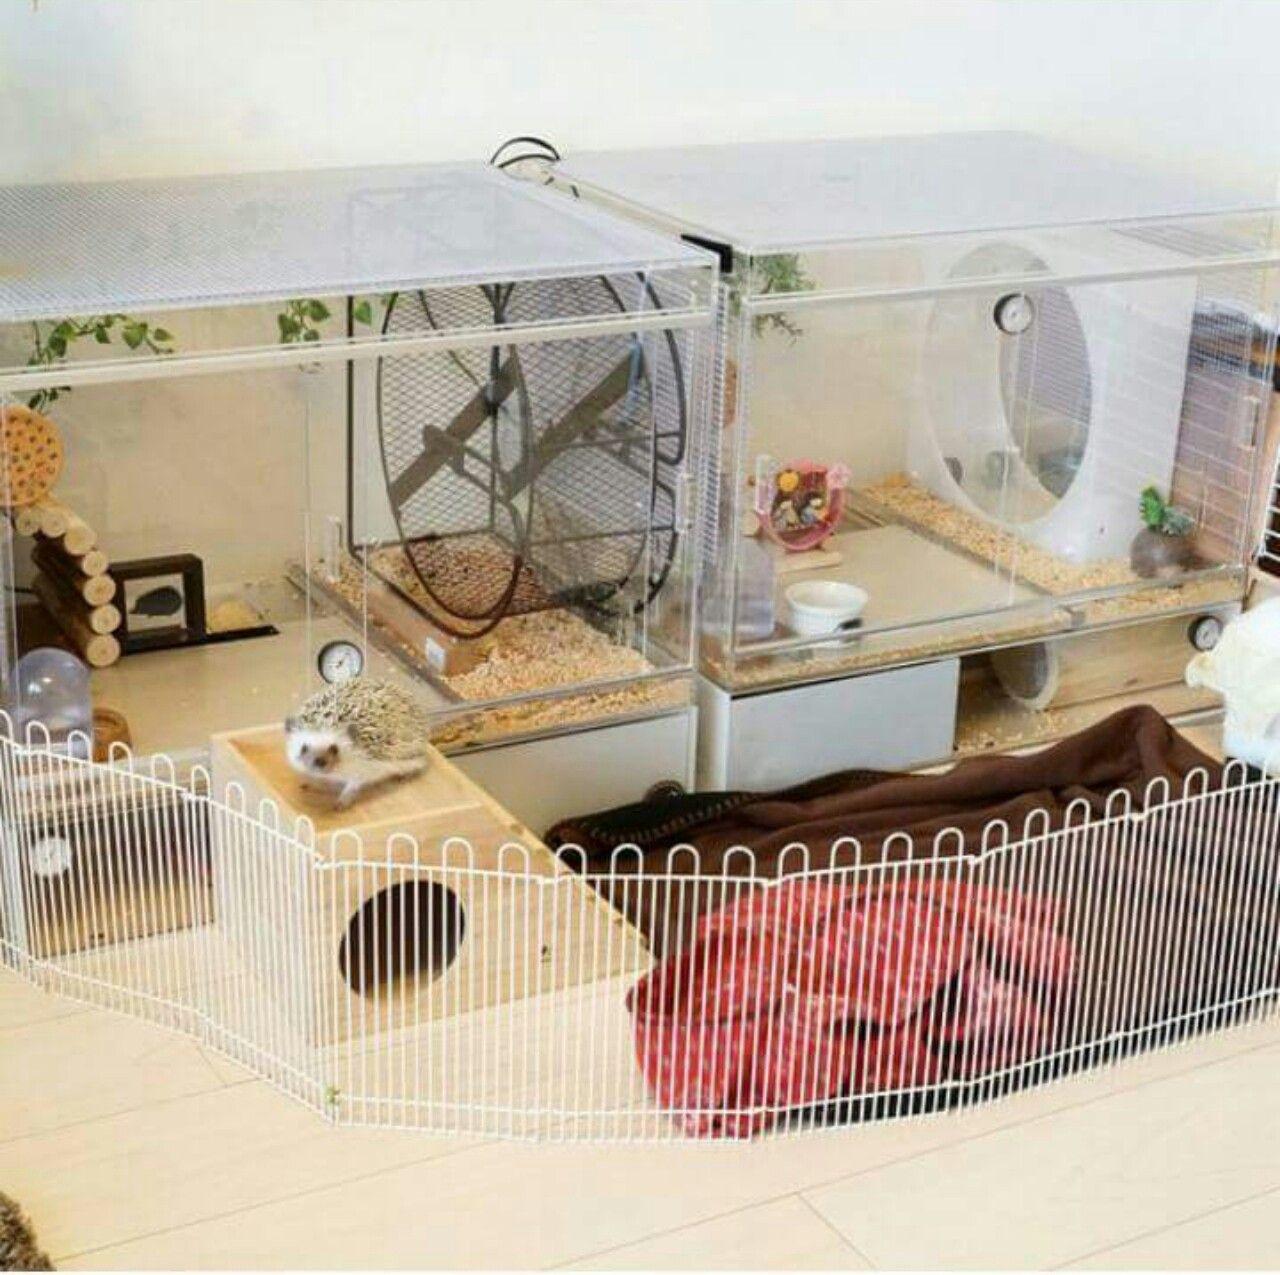 Best Bedding For Hedgehog Cage